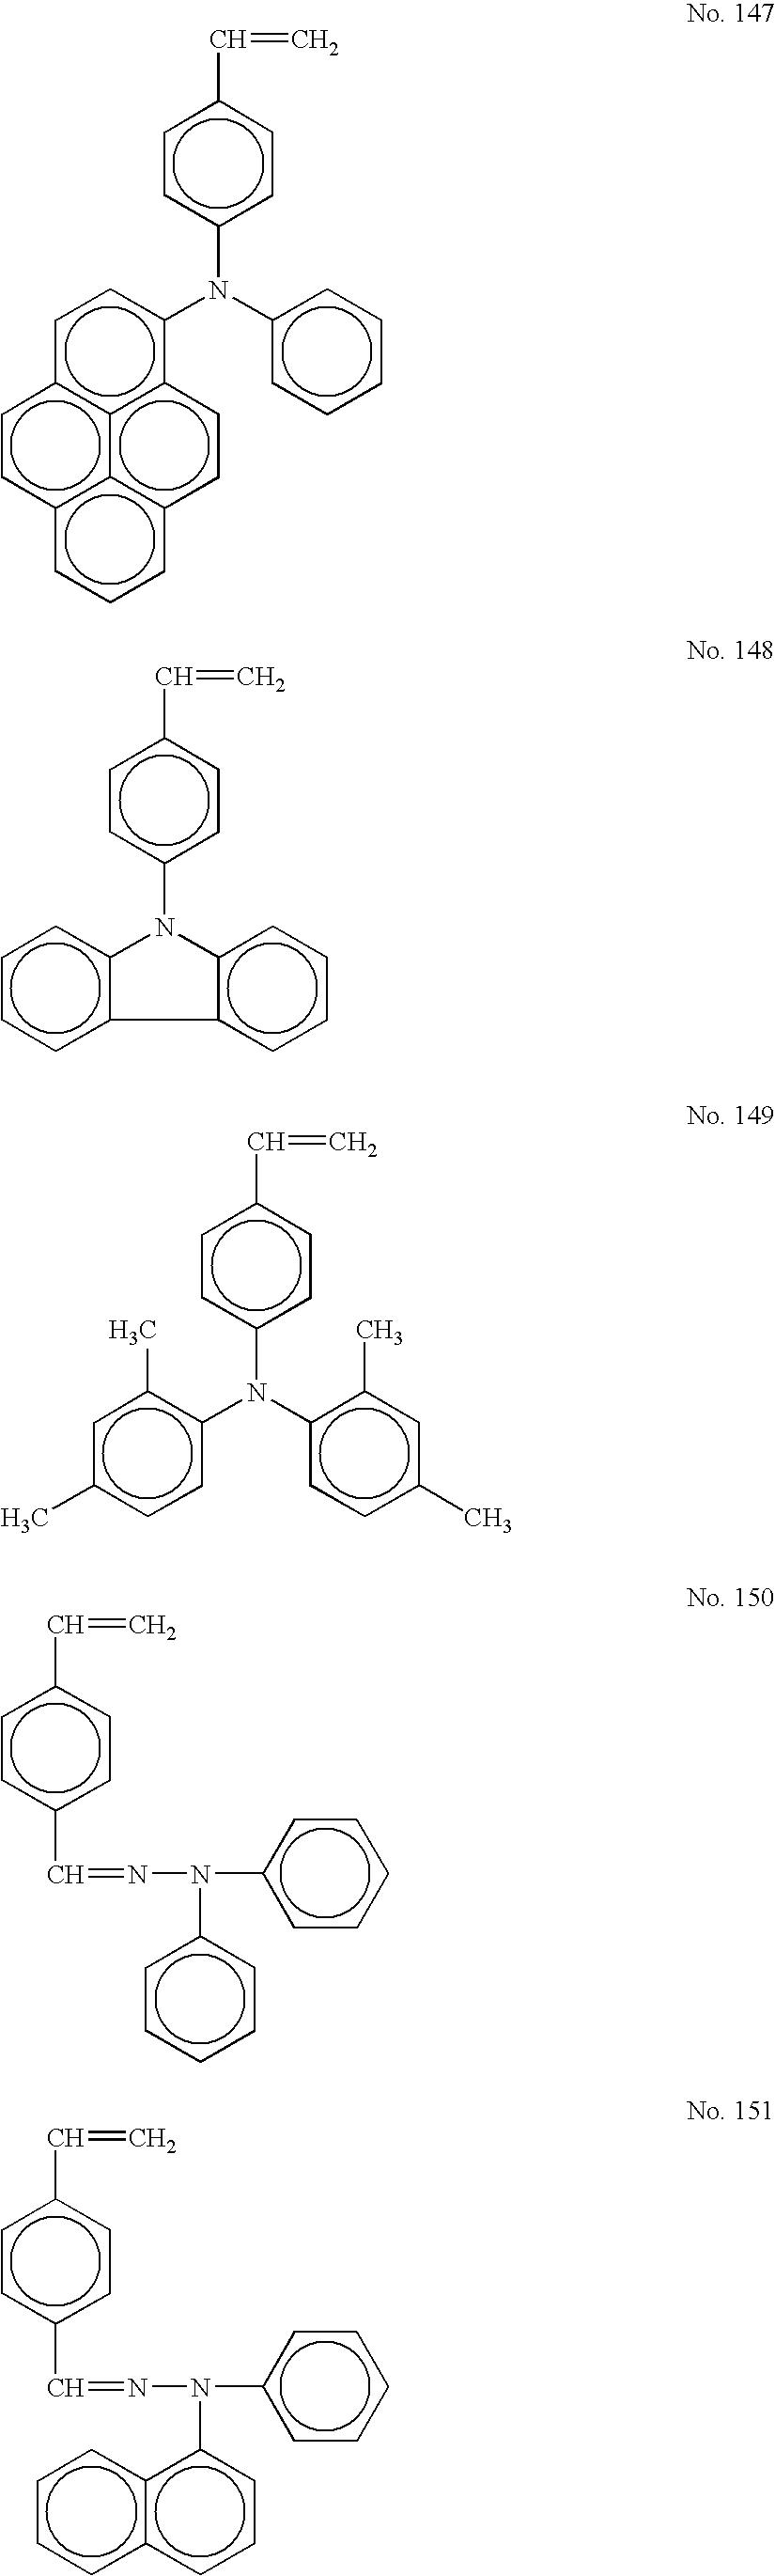 Figure US20050175911A1-20050811-C00052